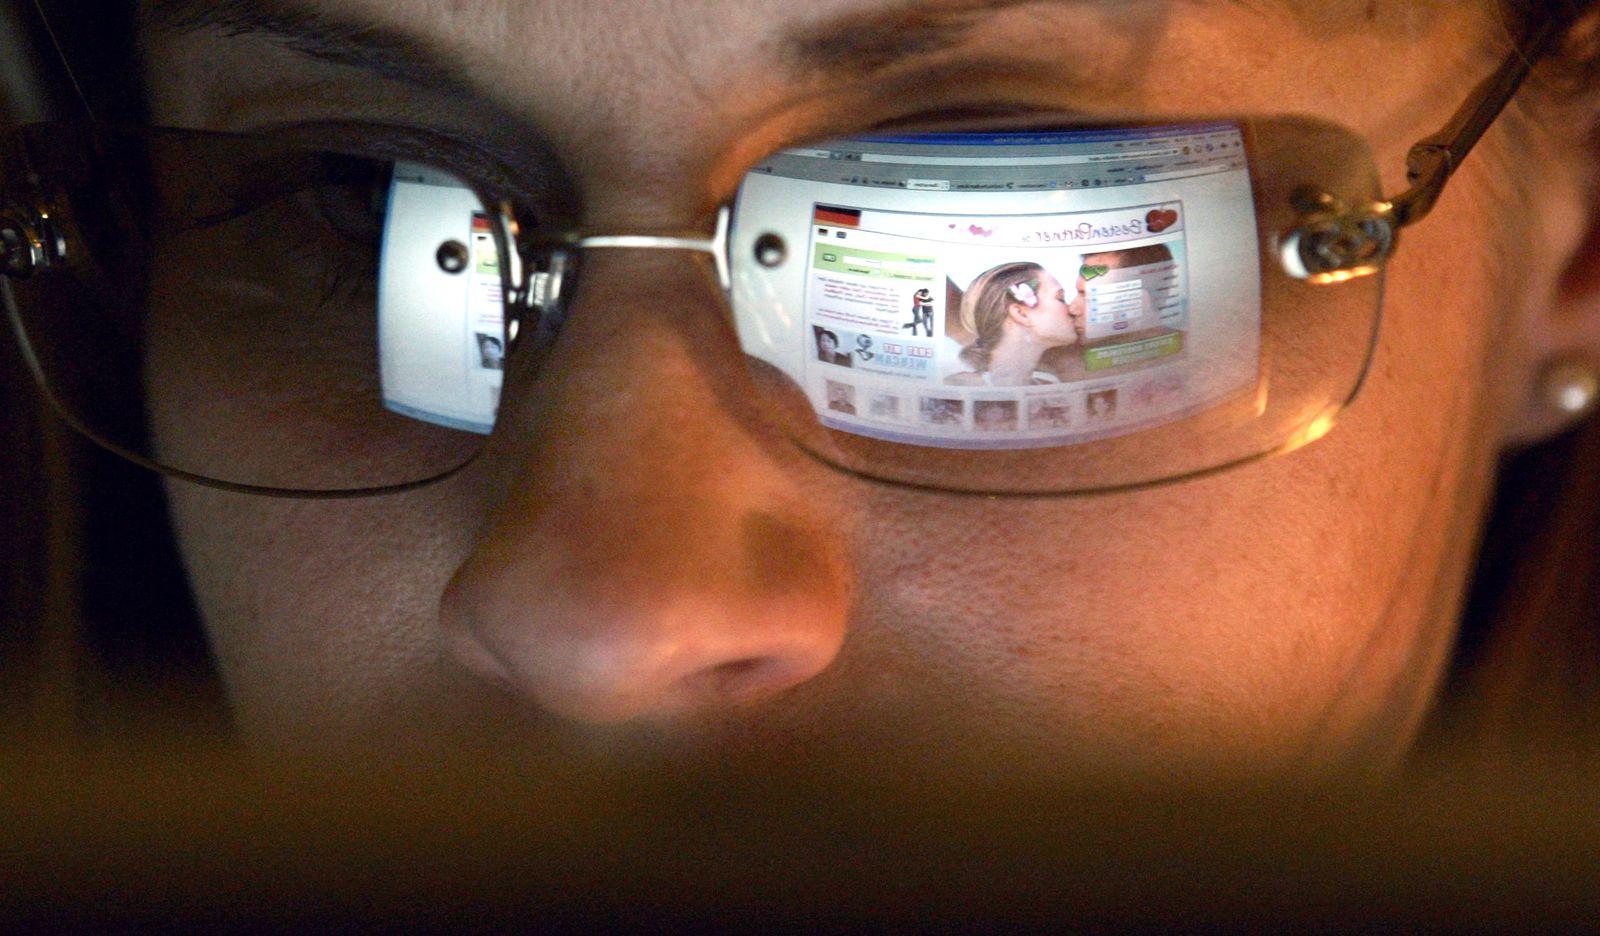 Partnersuche im internet spiegel